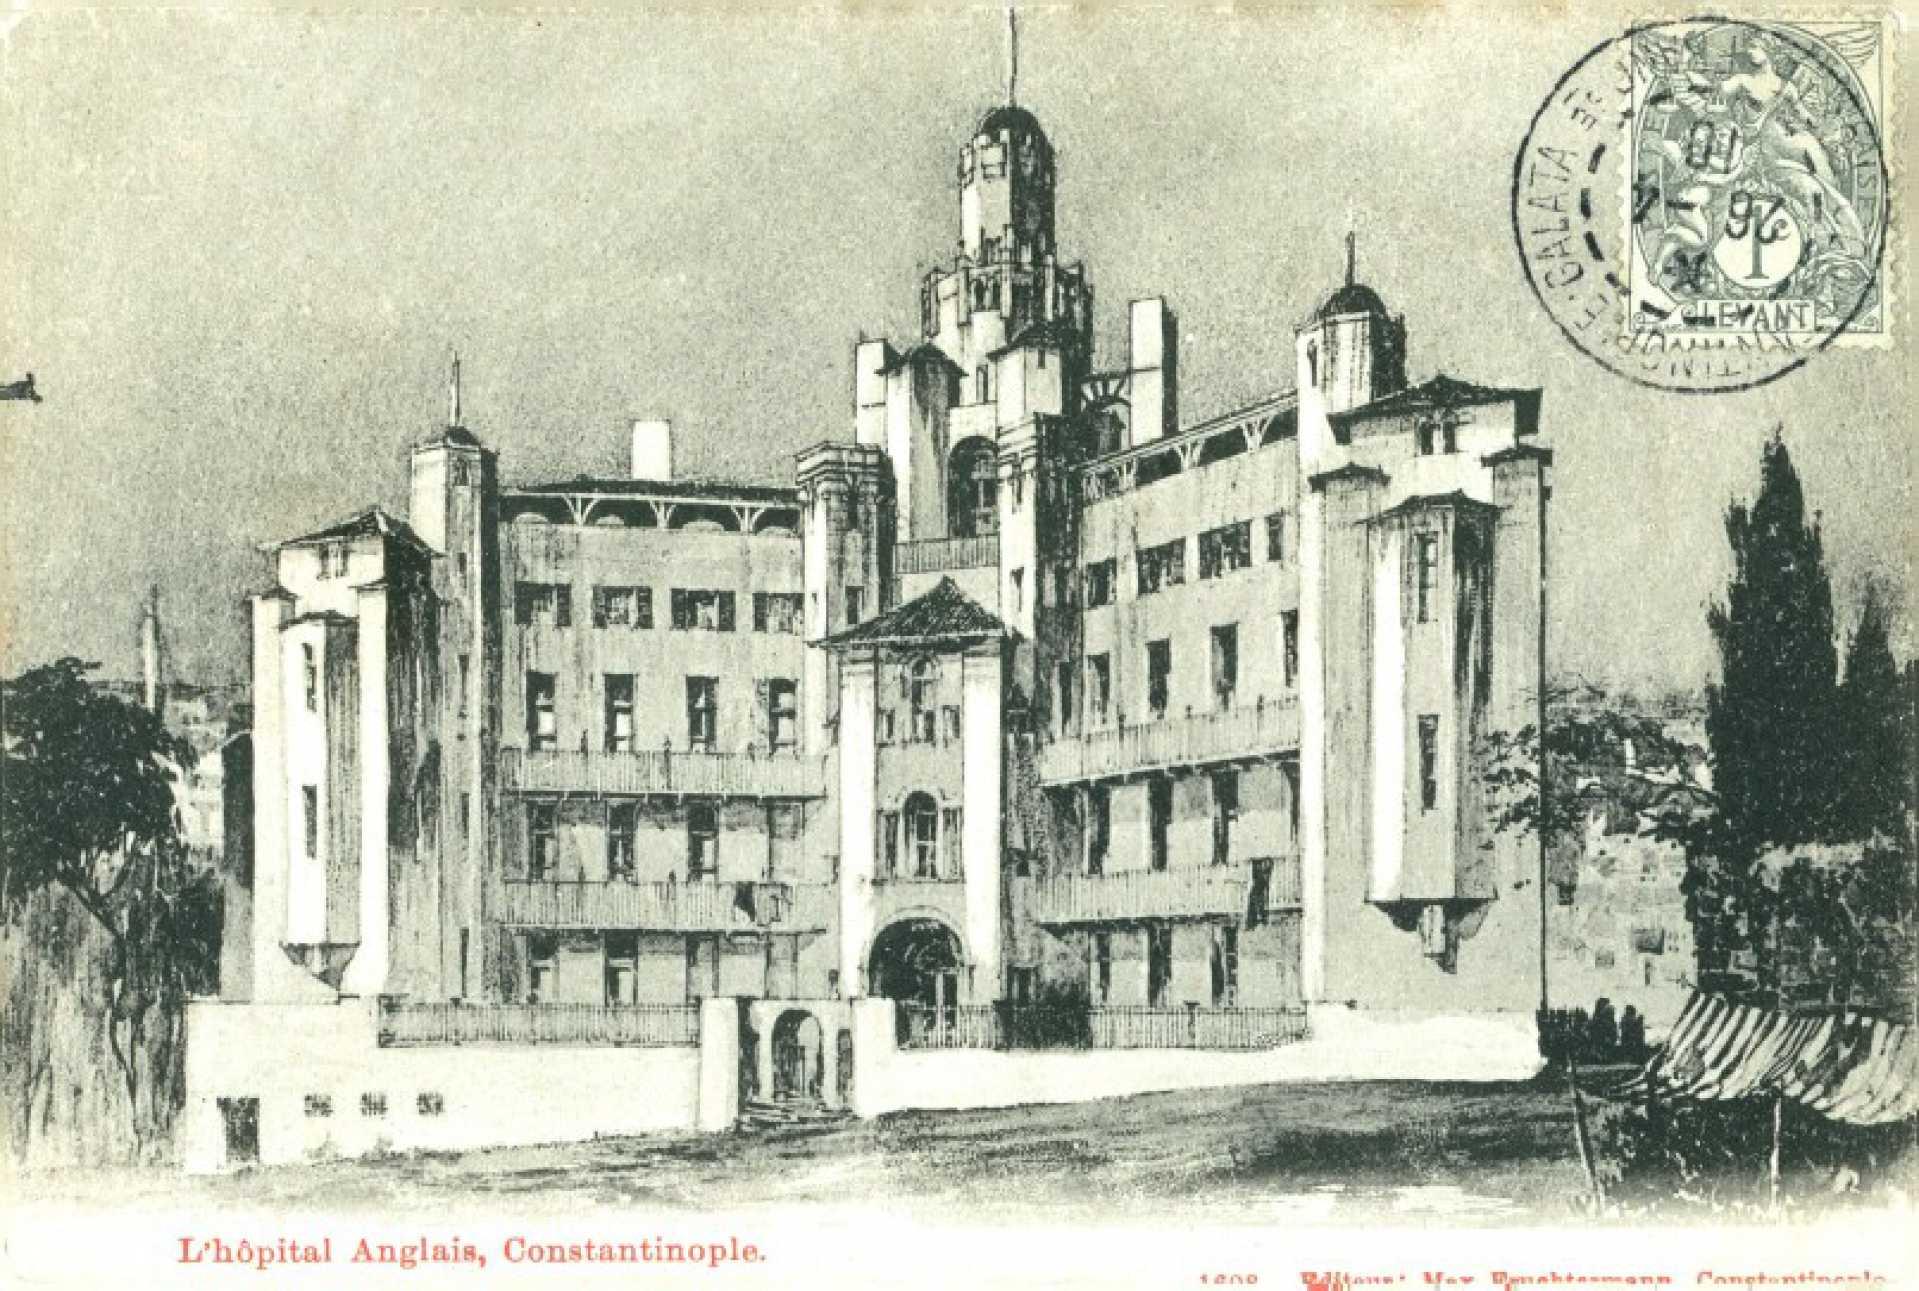 L'hopital Anglais. Constantinople